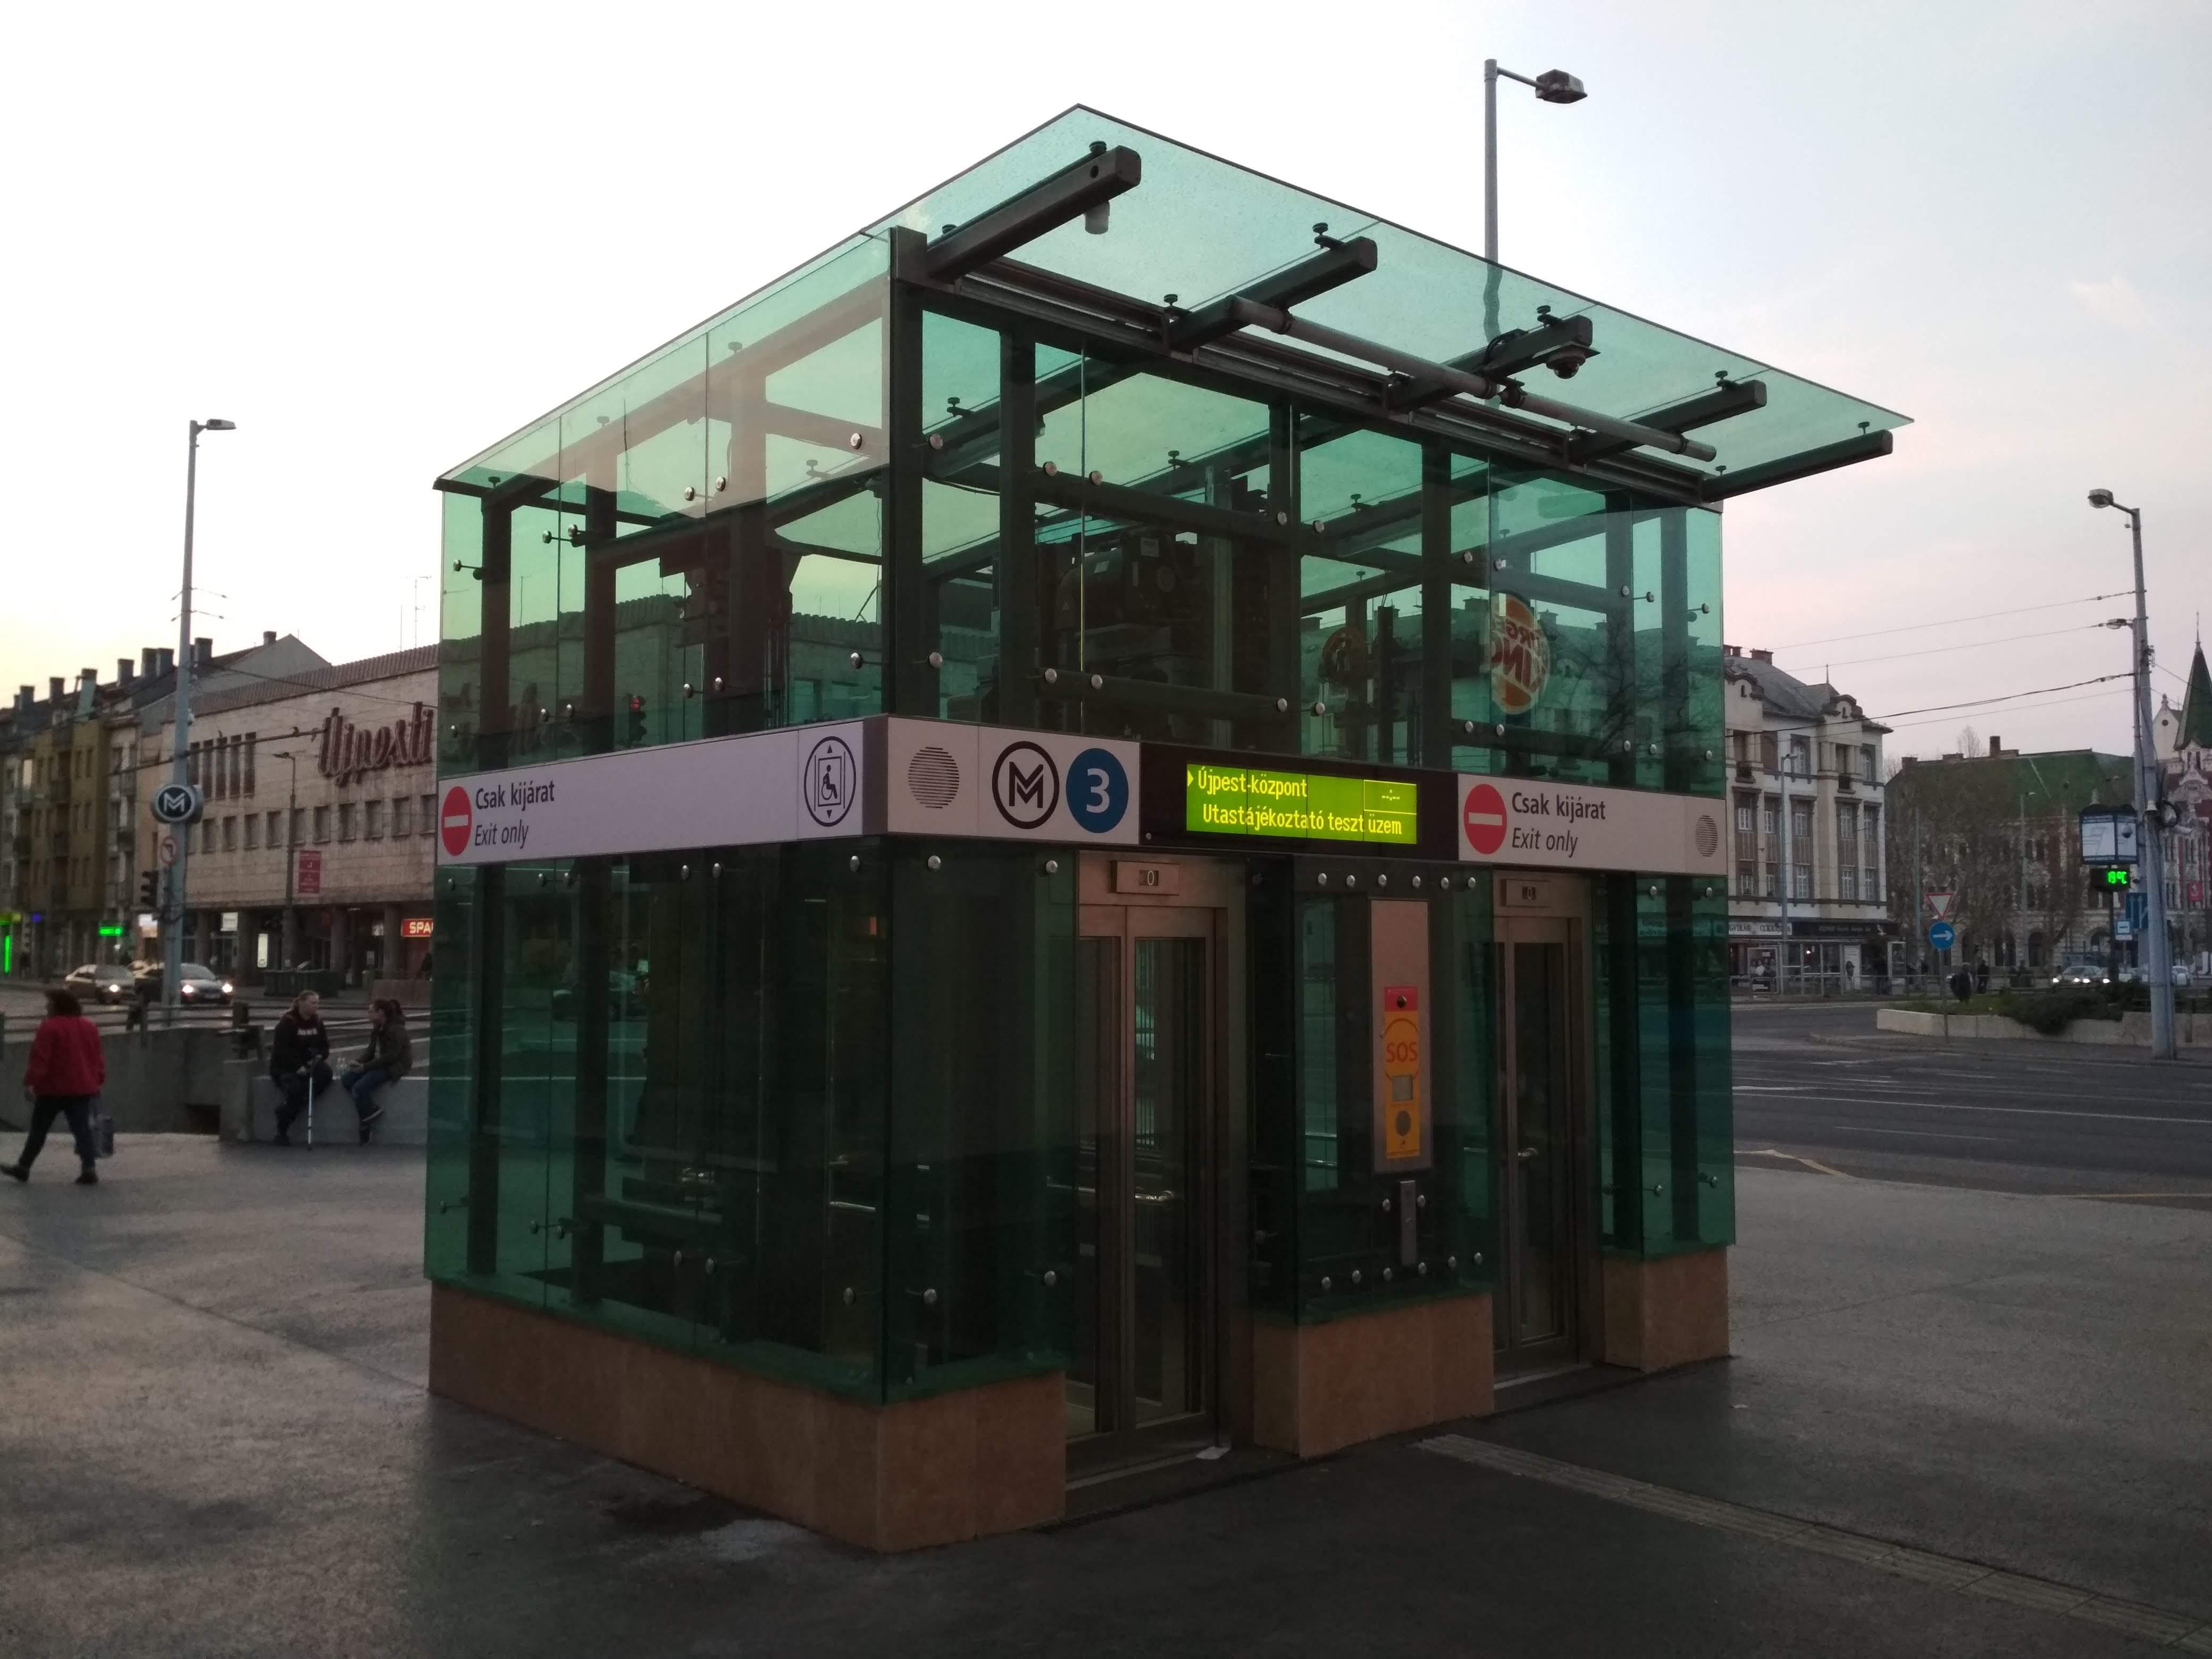 Ugyan épültek a peronokról az utcaszintre felvezető liftek, de a csomópont a felszínen továbbra sem átjárható, így a mozgáskorlátozottak jelentős kerülőkre kényszerülnek.